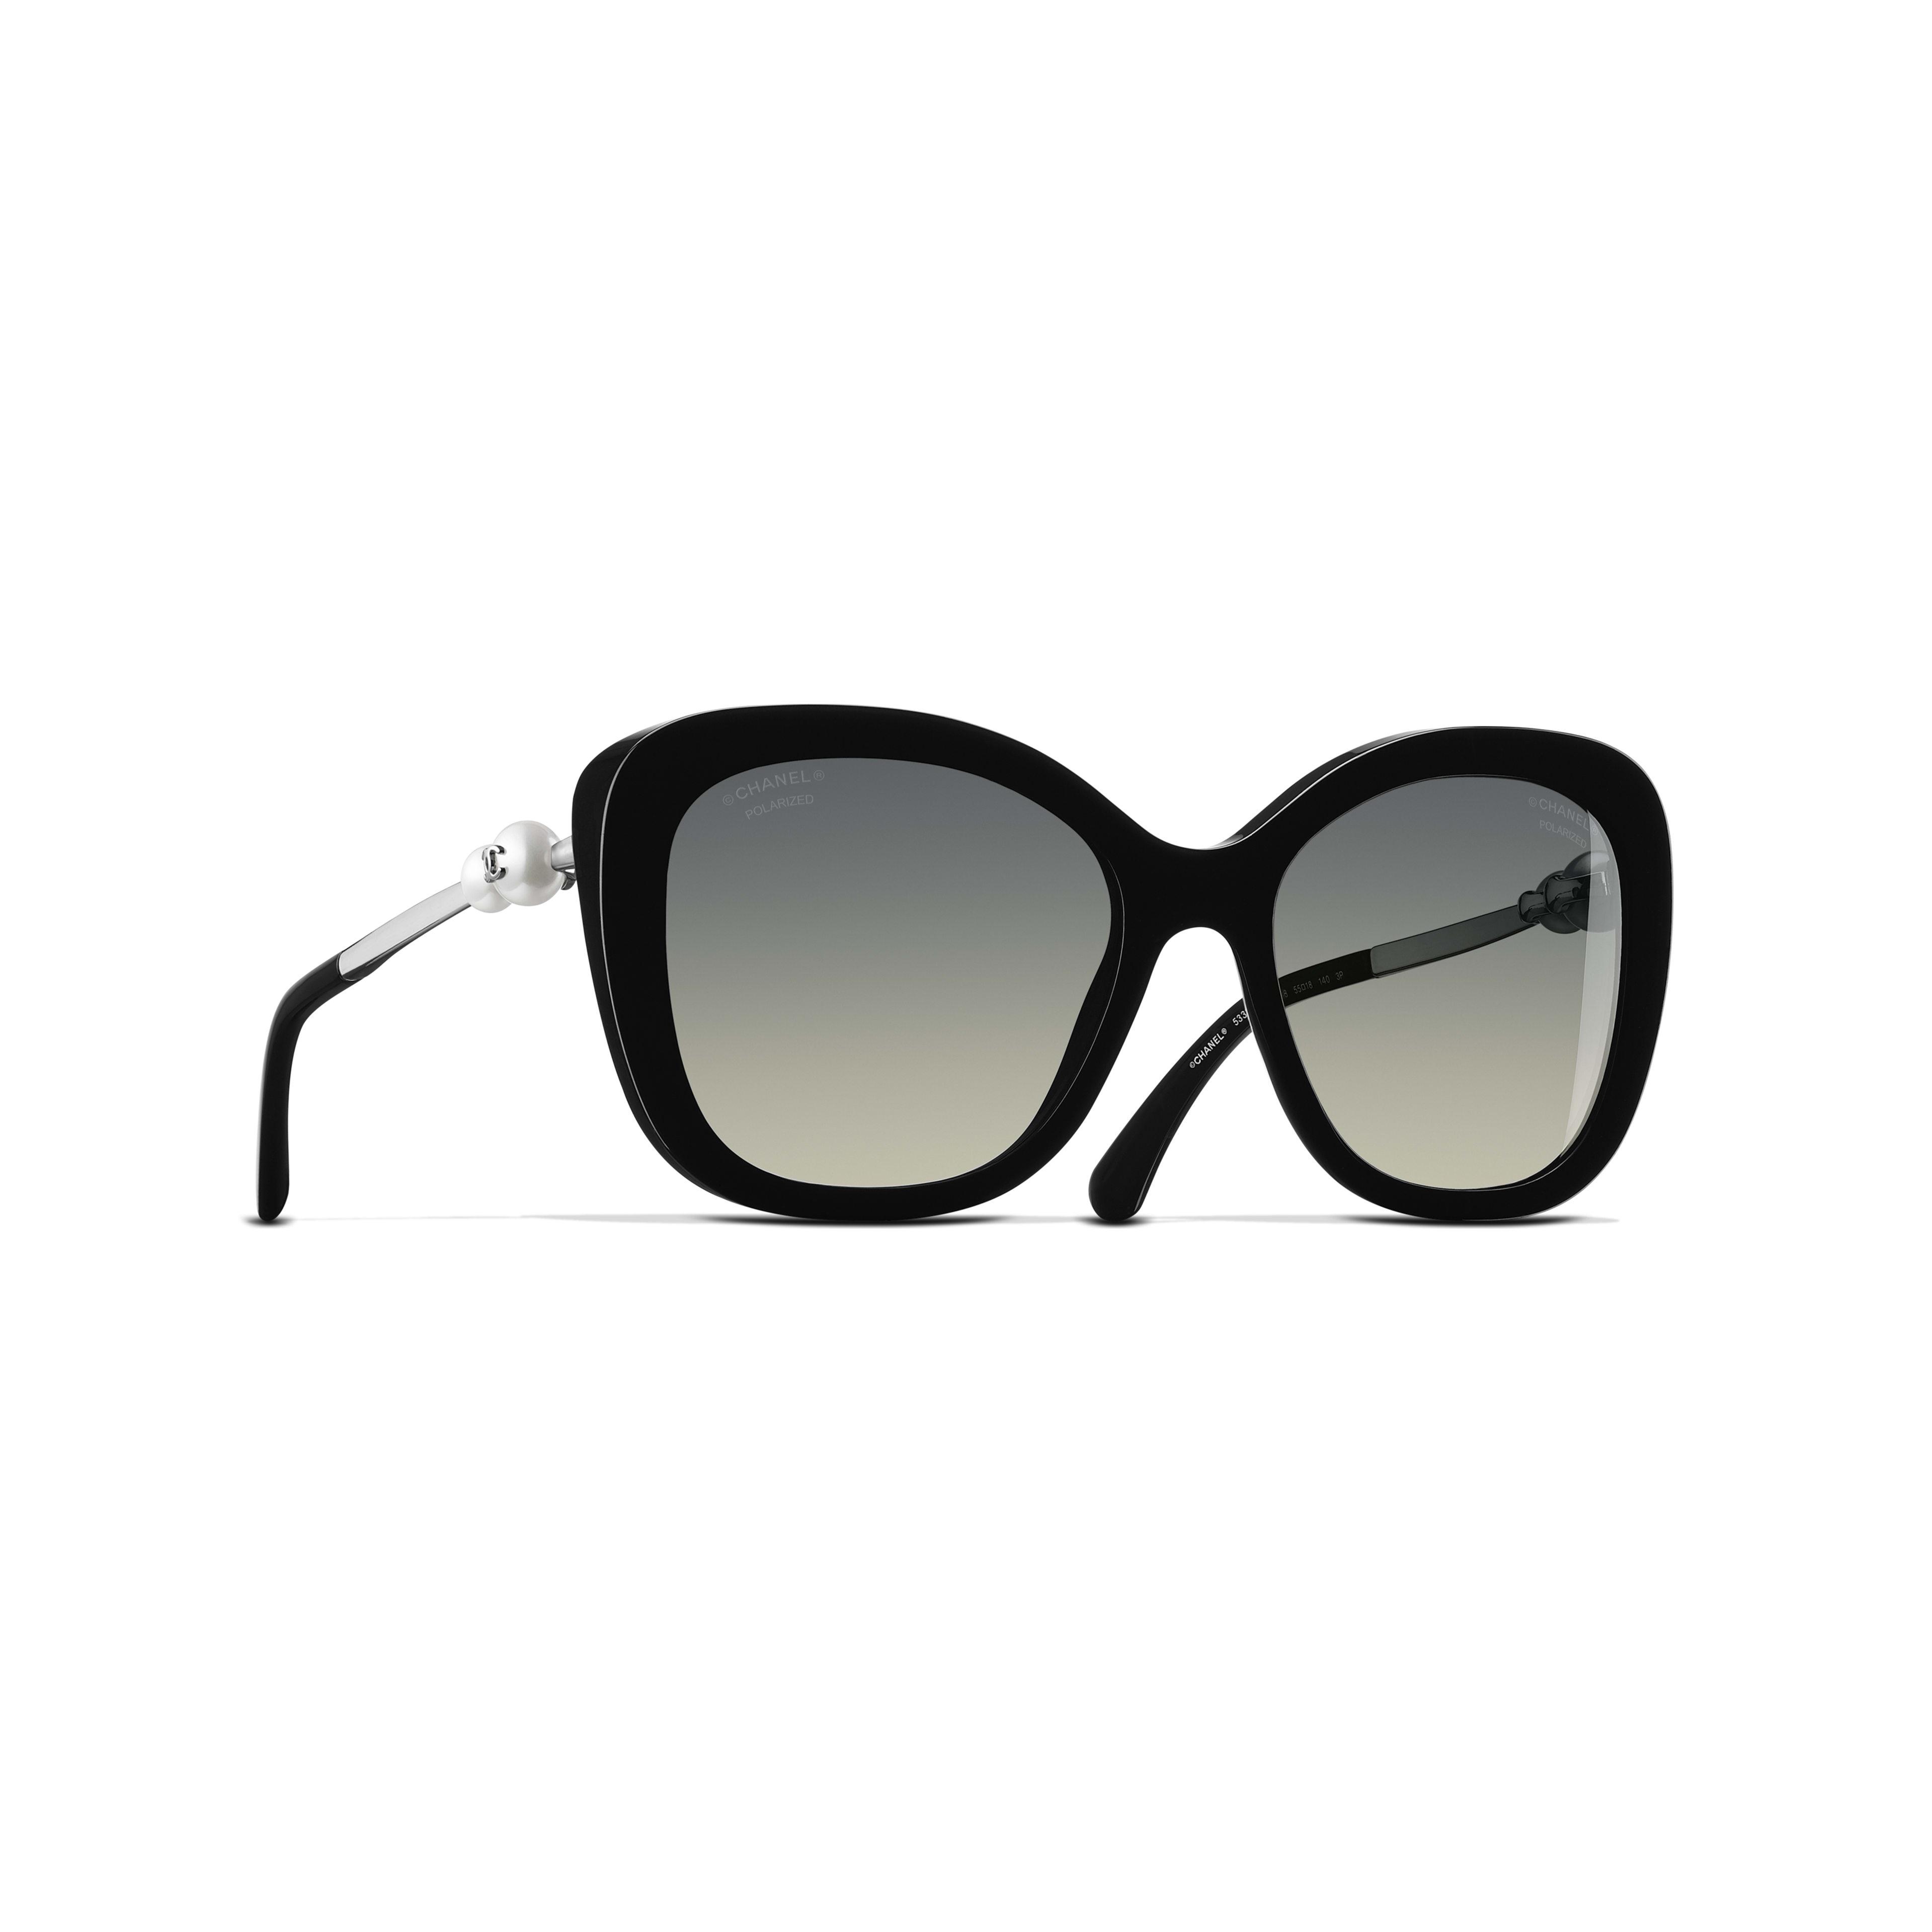 3b9ec118a5 Square Sunglasses Chanel ✓ Sunglasses Galleries